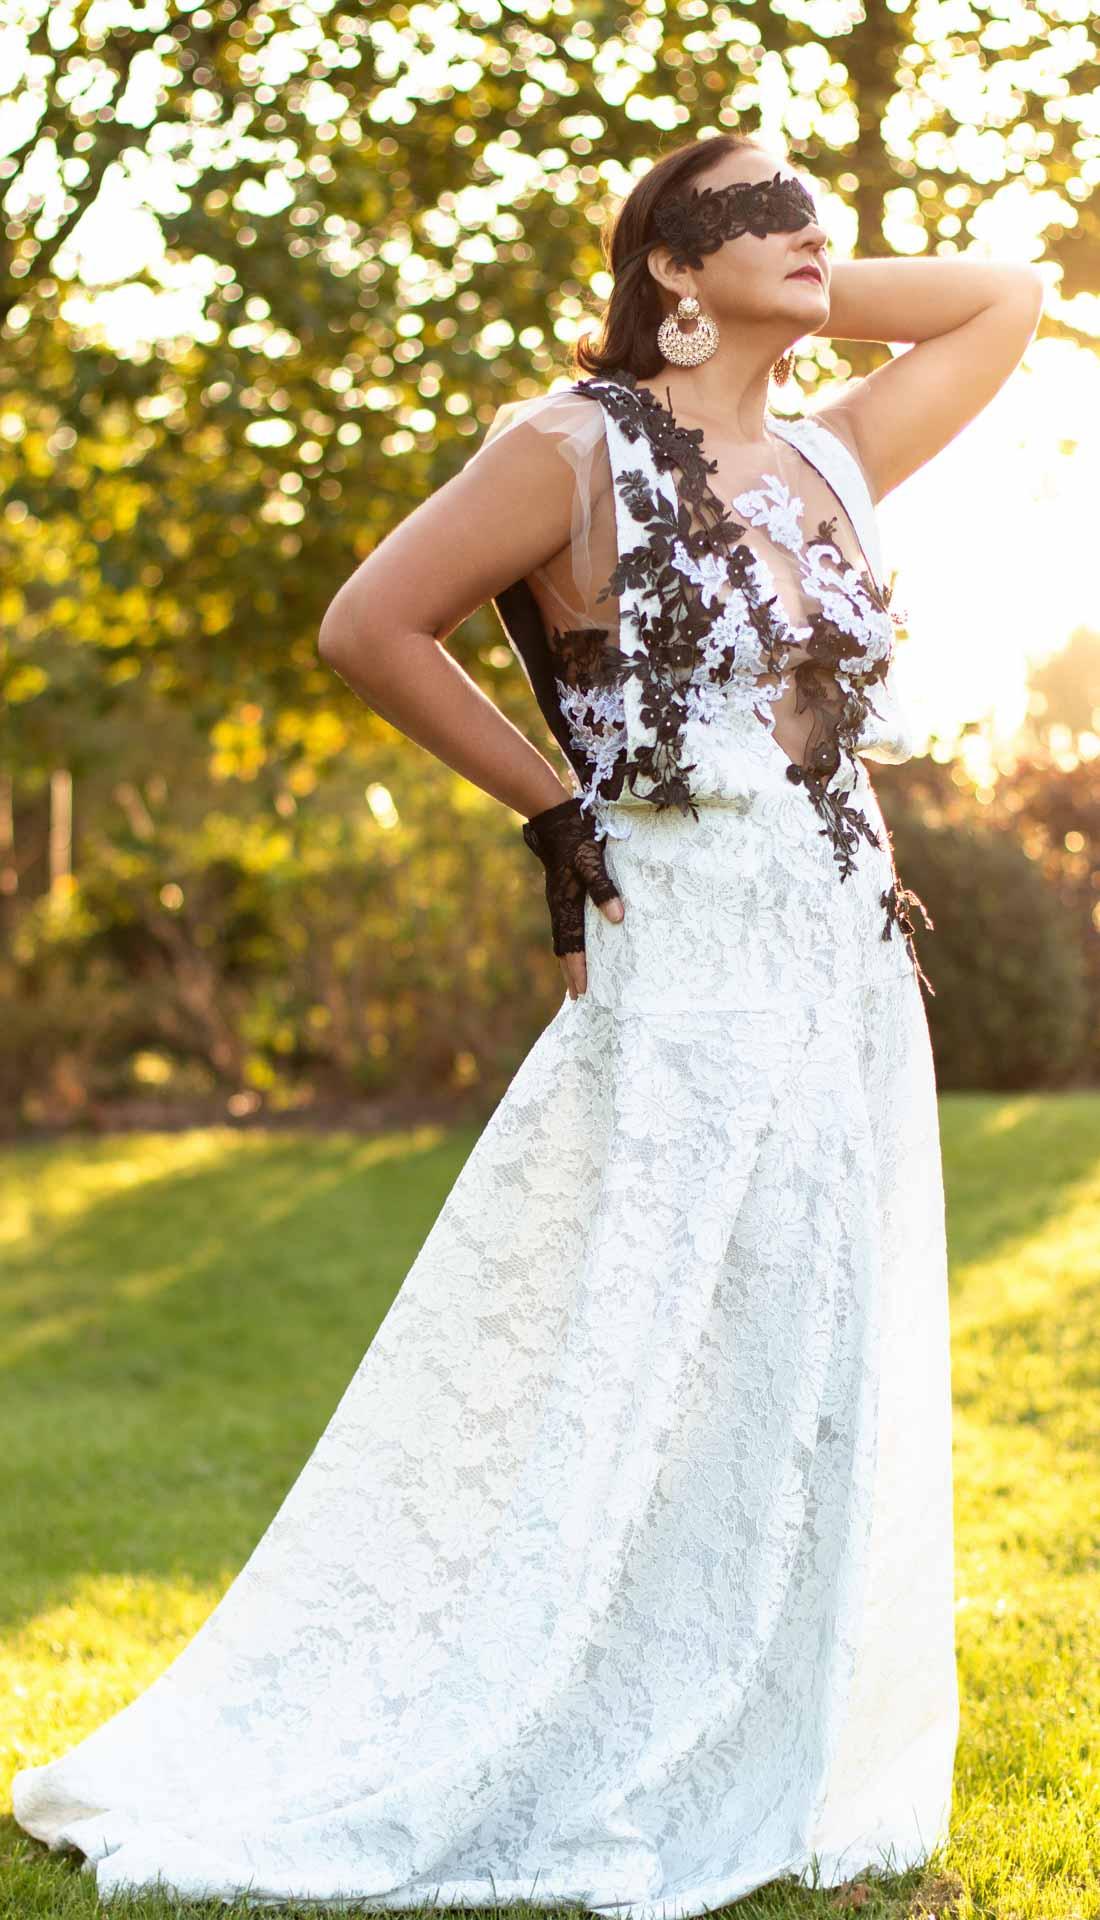 Bridal fashion, wedding dress by Birmingham fashion designer Donna Marina, Birmingham fashion photographer